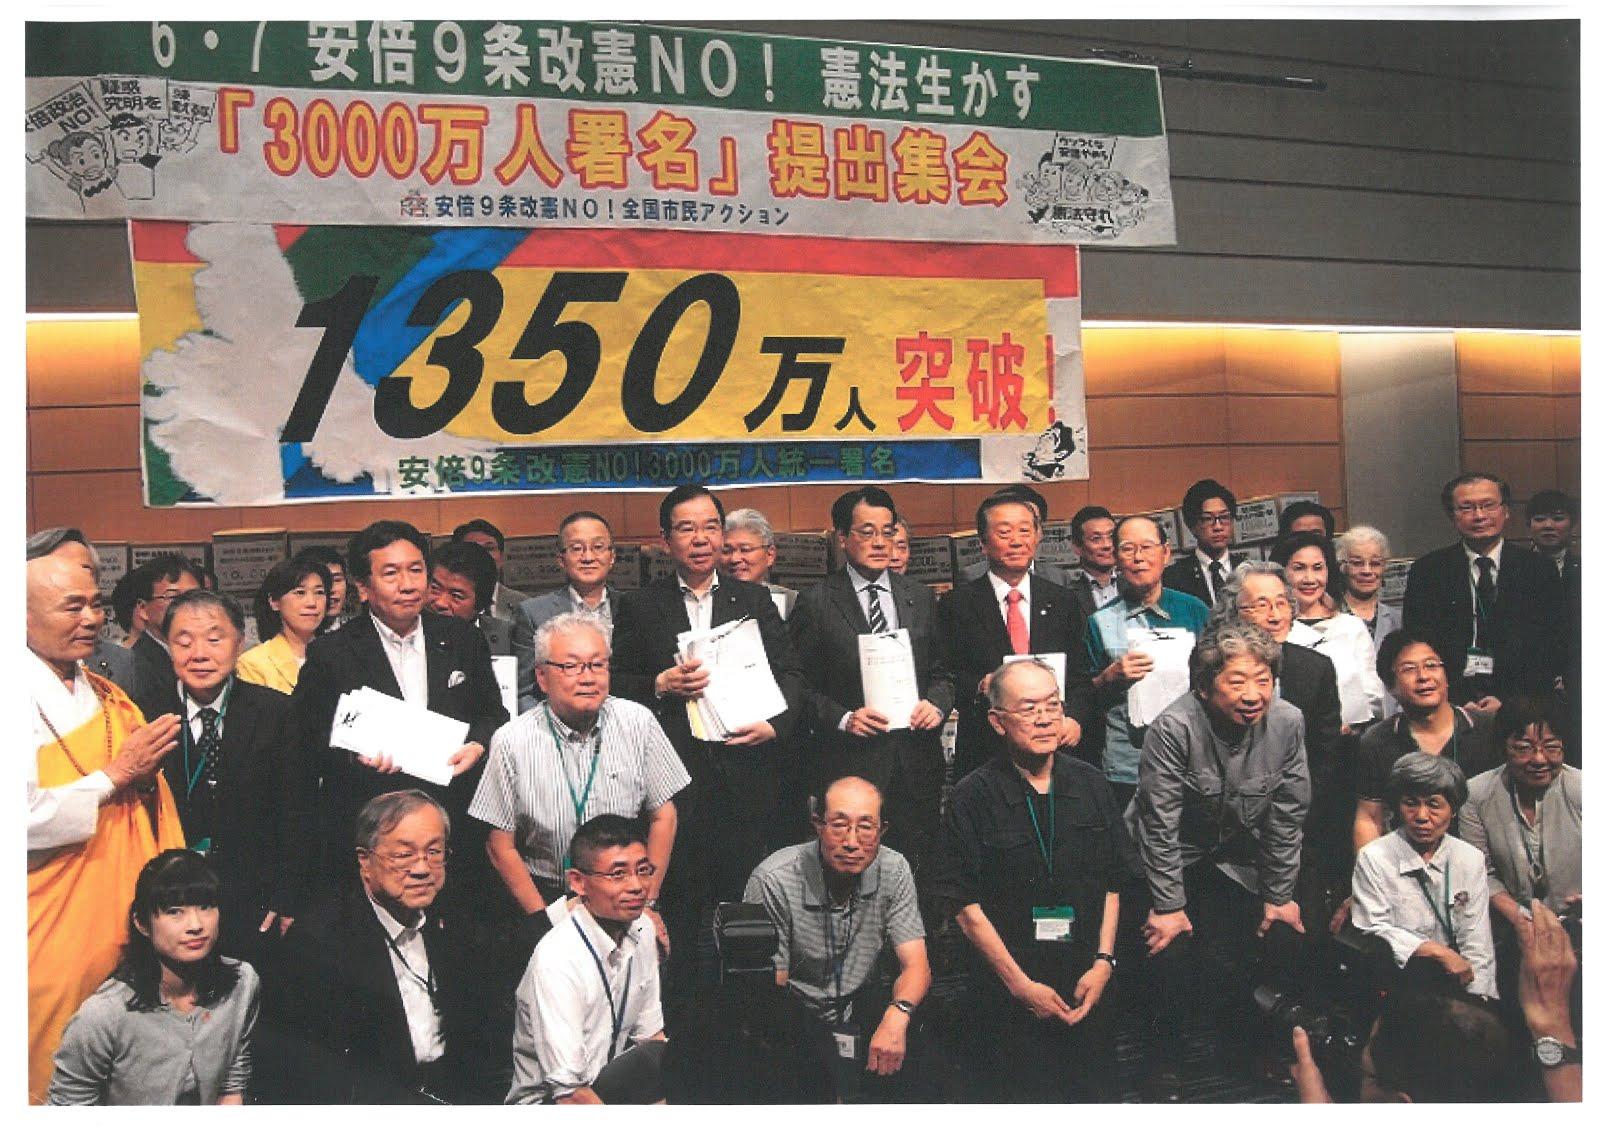 6月7日、安倍9条改憲NO!第1次署名提出集会の写真